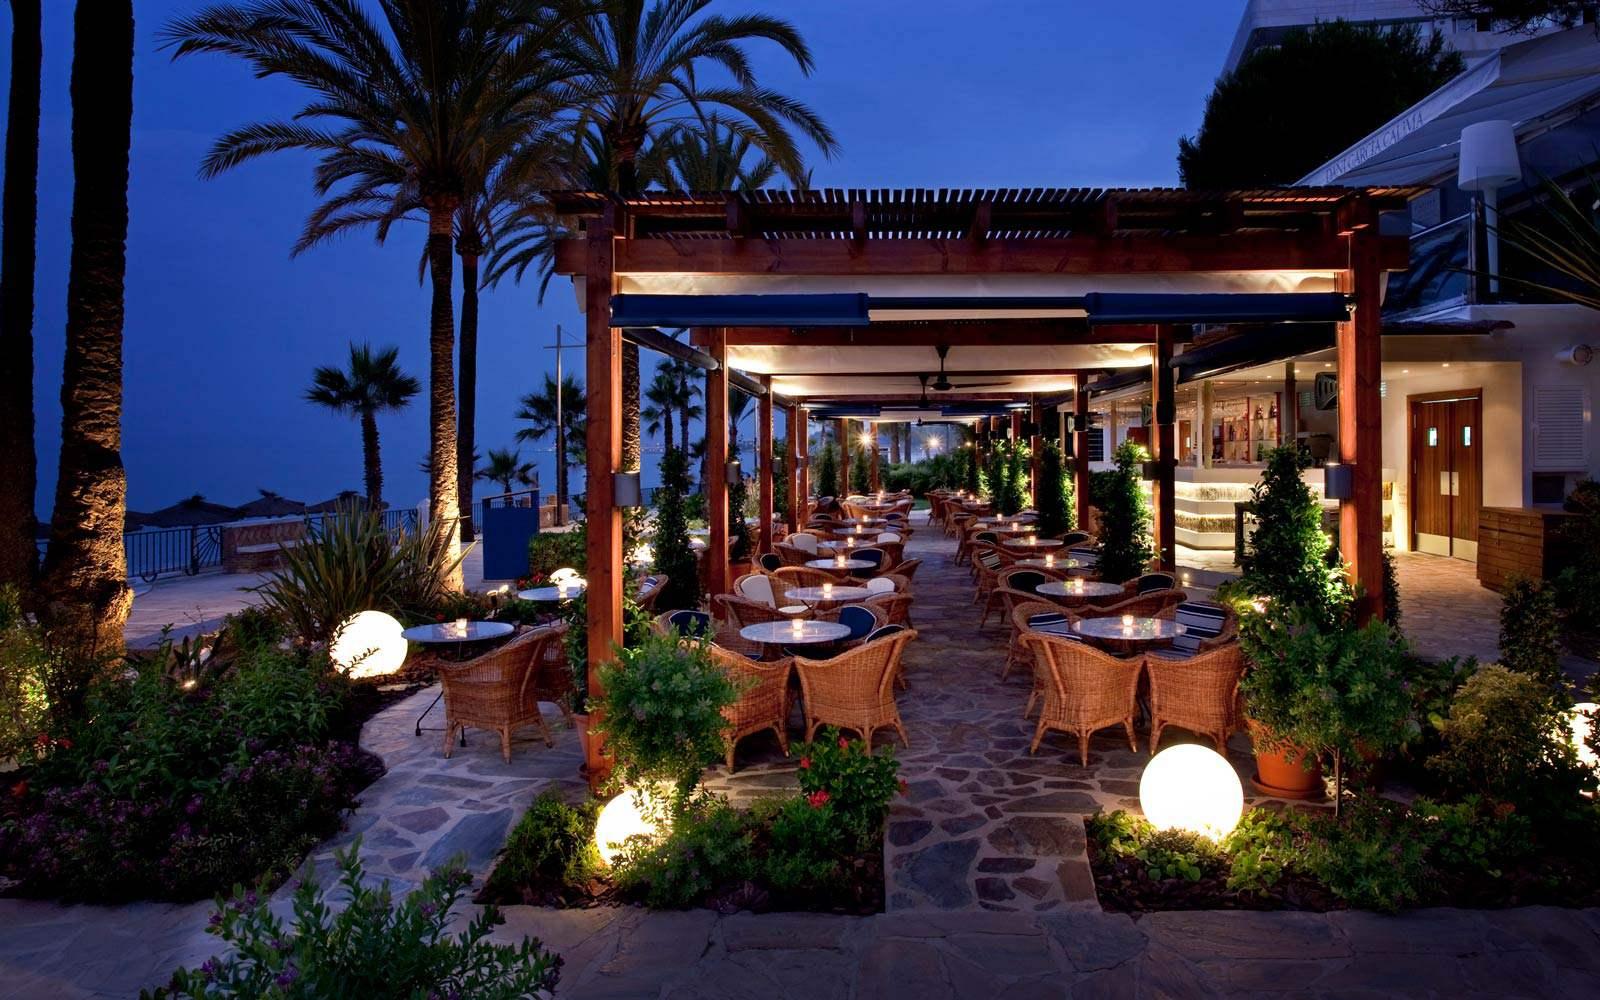 Hotel Gran Melia Don Pepe Cappuccino restaurant